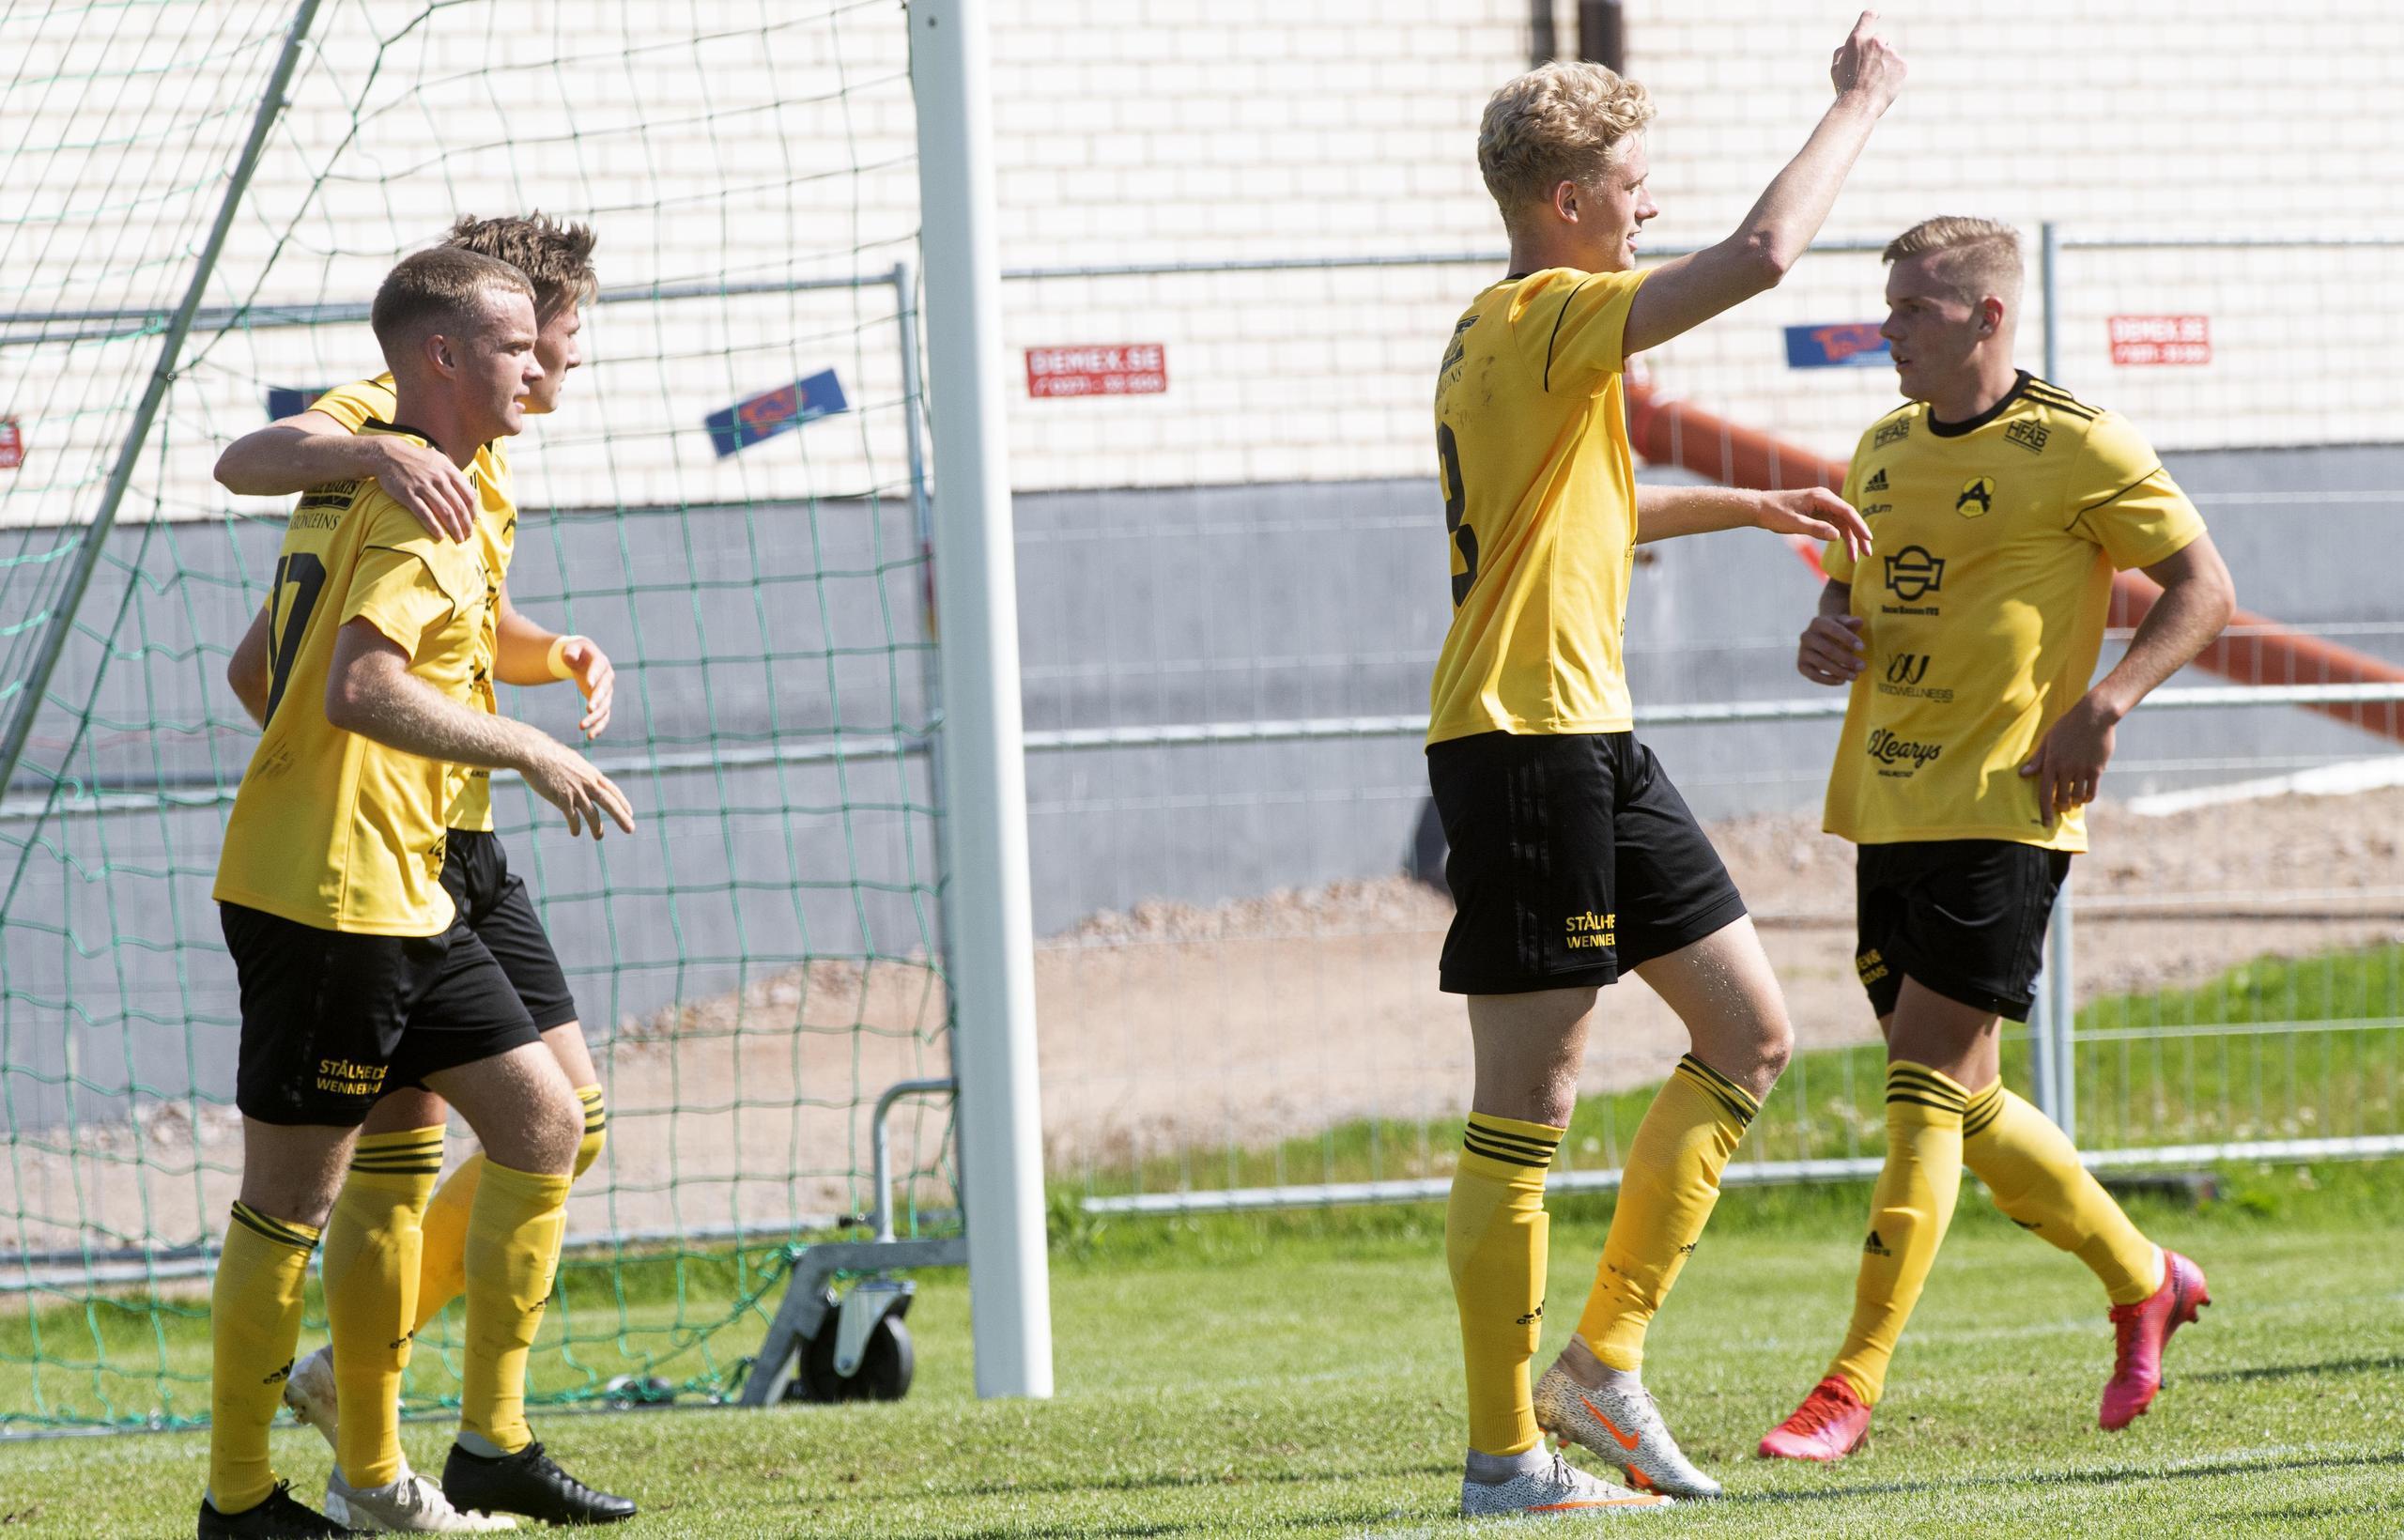 TV: Straffsituationer i fokus när Astrio kryssade mot Gnosjö - se höjdpunkterna från matchen